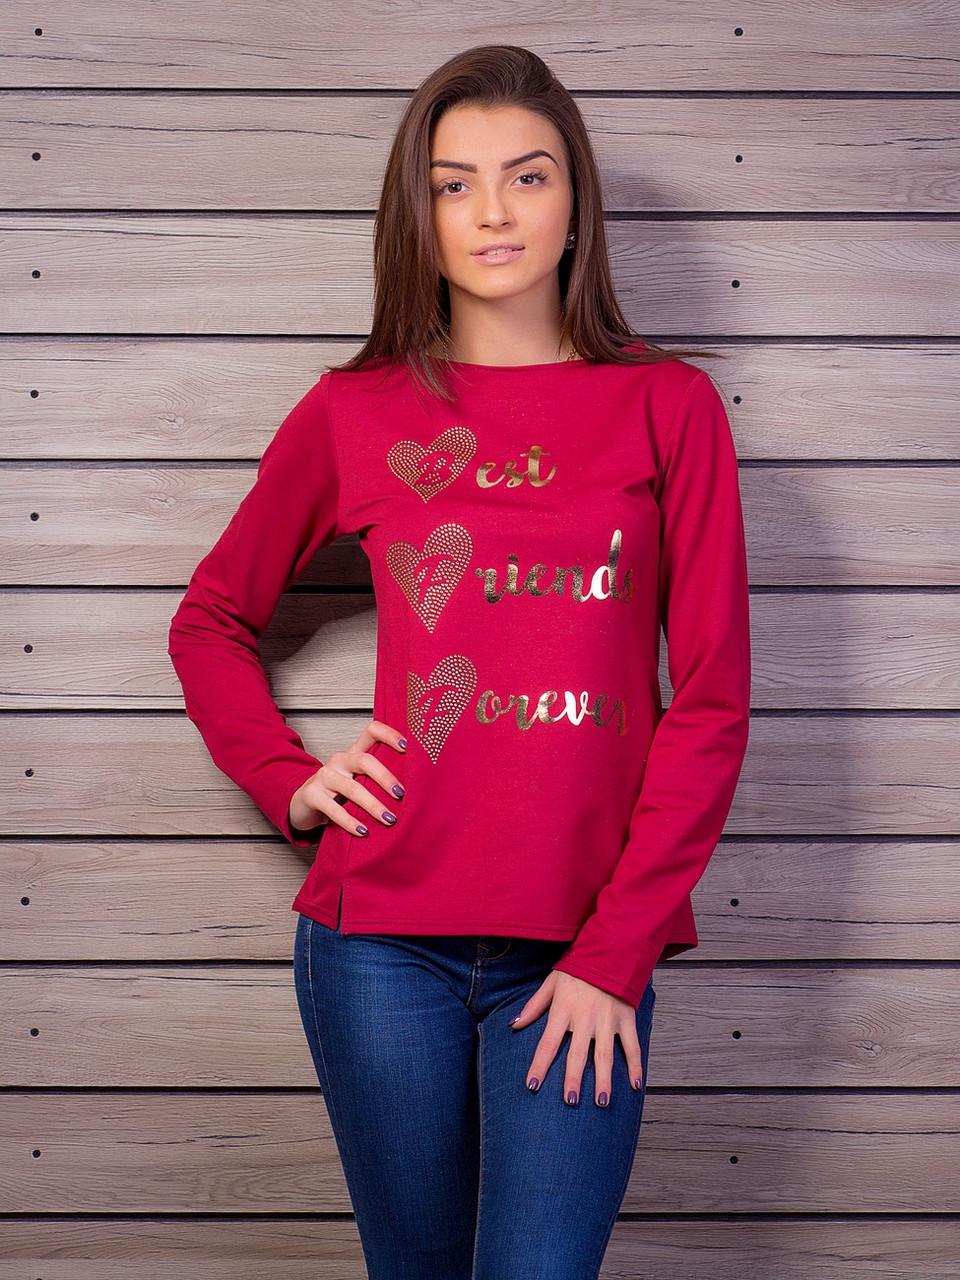 Модная кофточка с красивой надписью красная